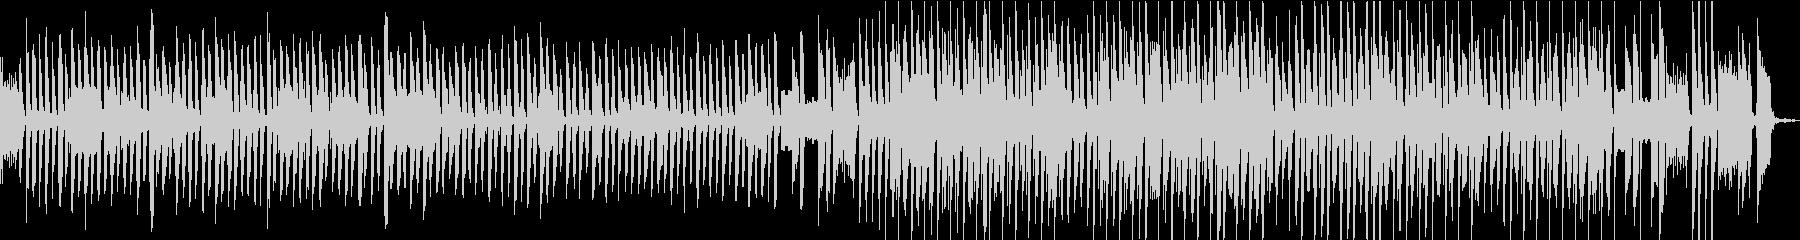 ピアノと口笛のほのぼの明るい曲 映像などの未再生の波形